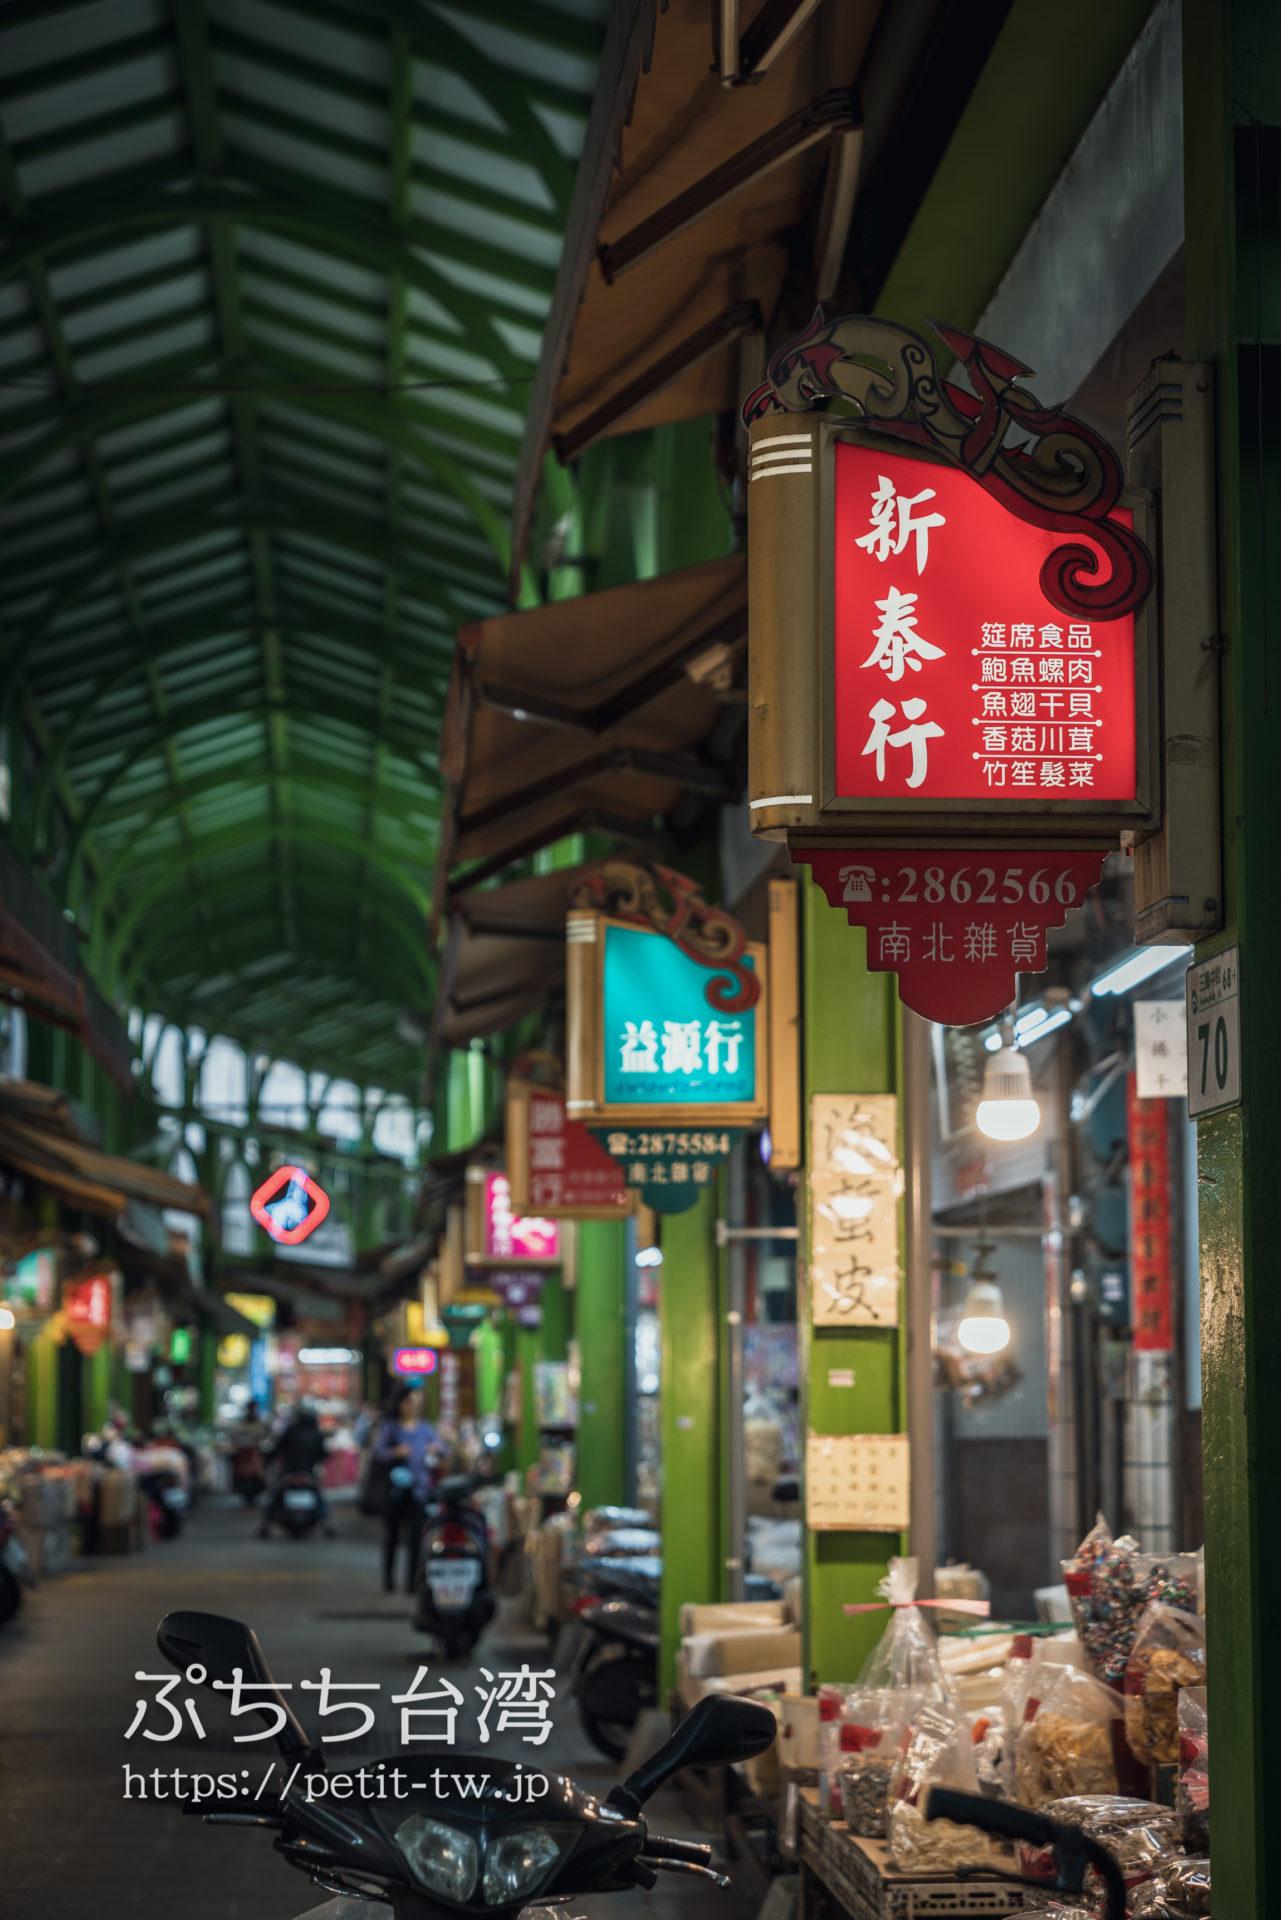 高雄の三鳳中街のアーケード